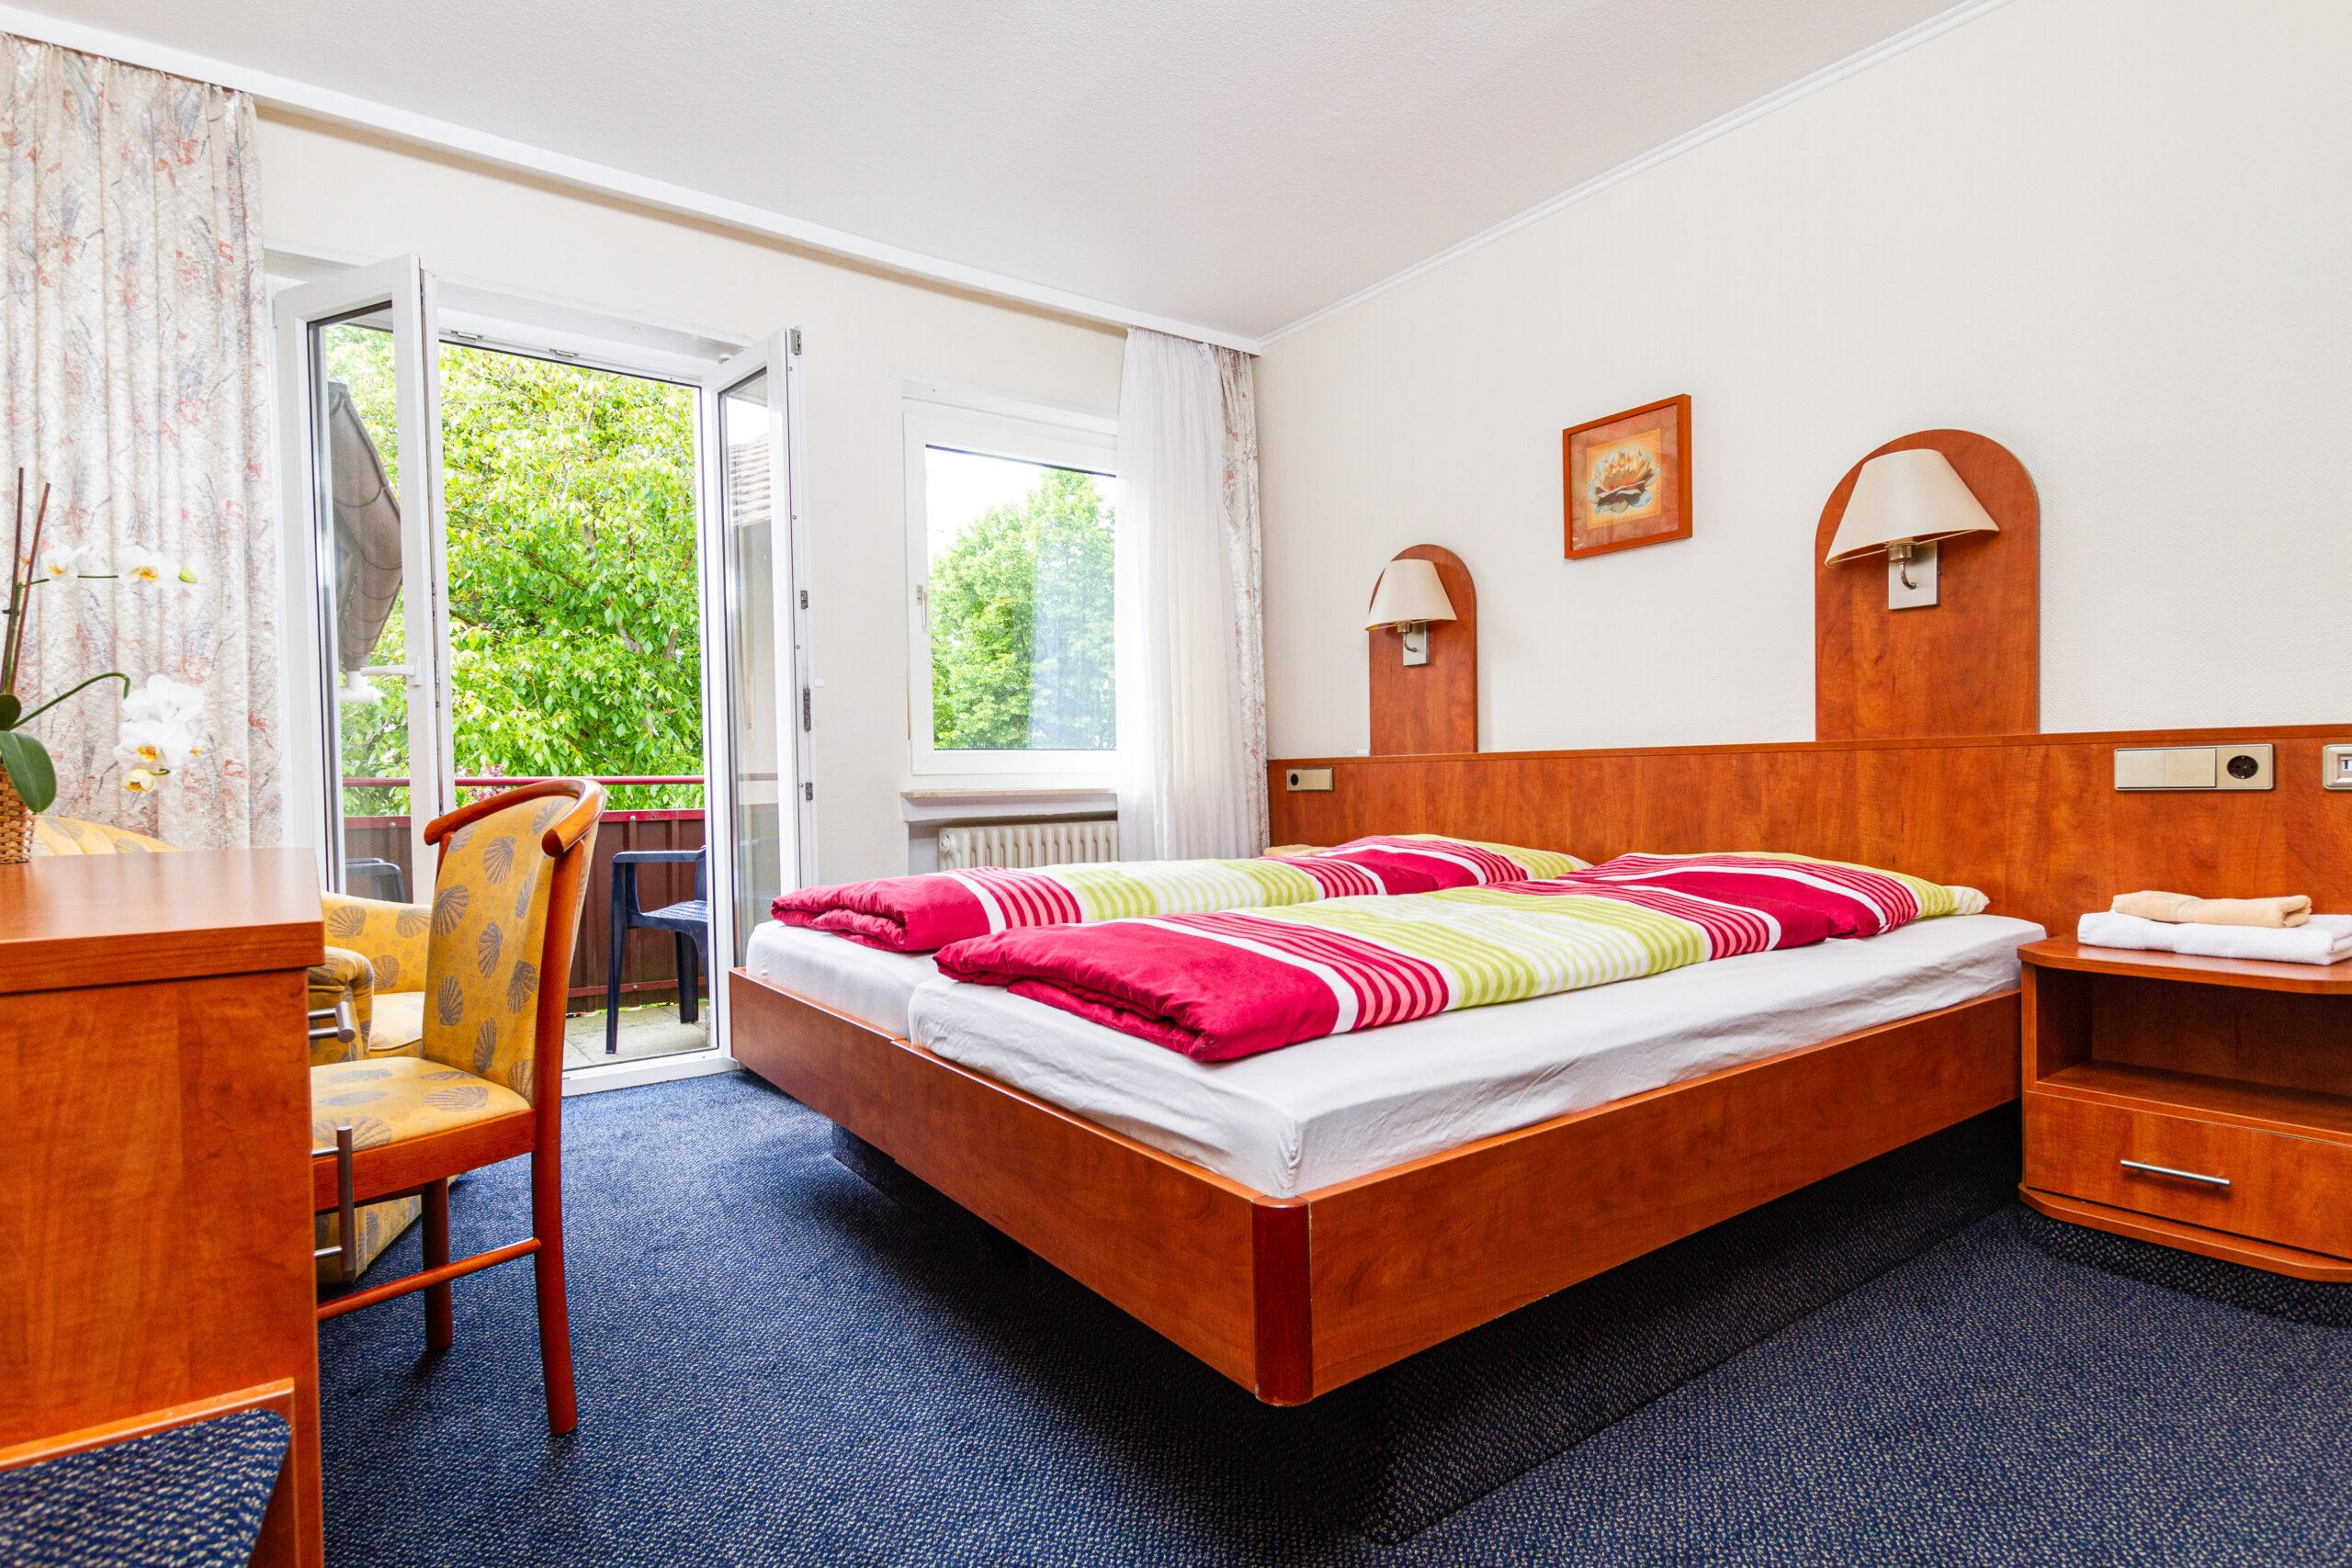 Hotelzimmer für Familien. Beistellbett optional möglich.